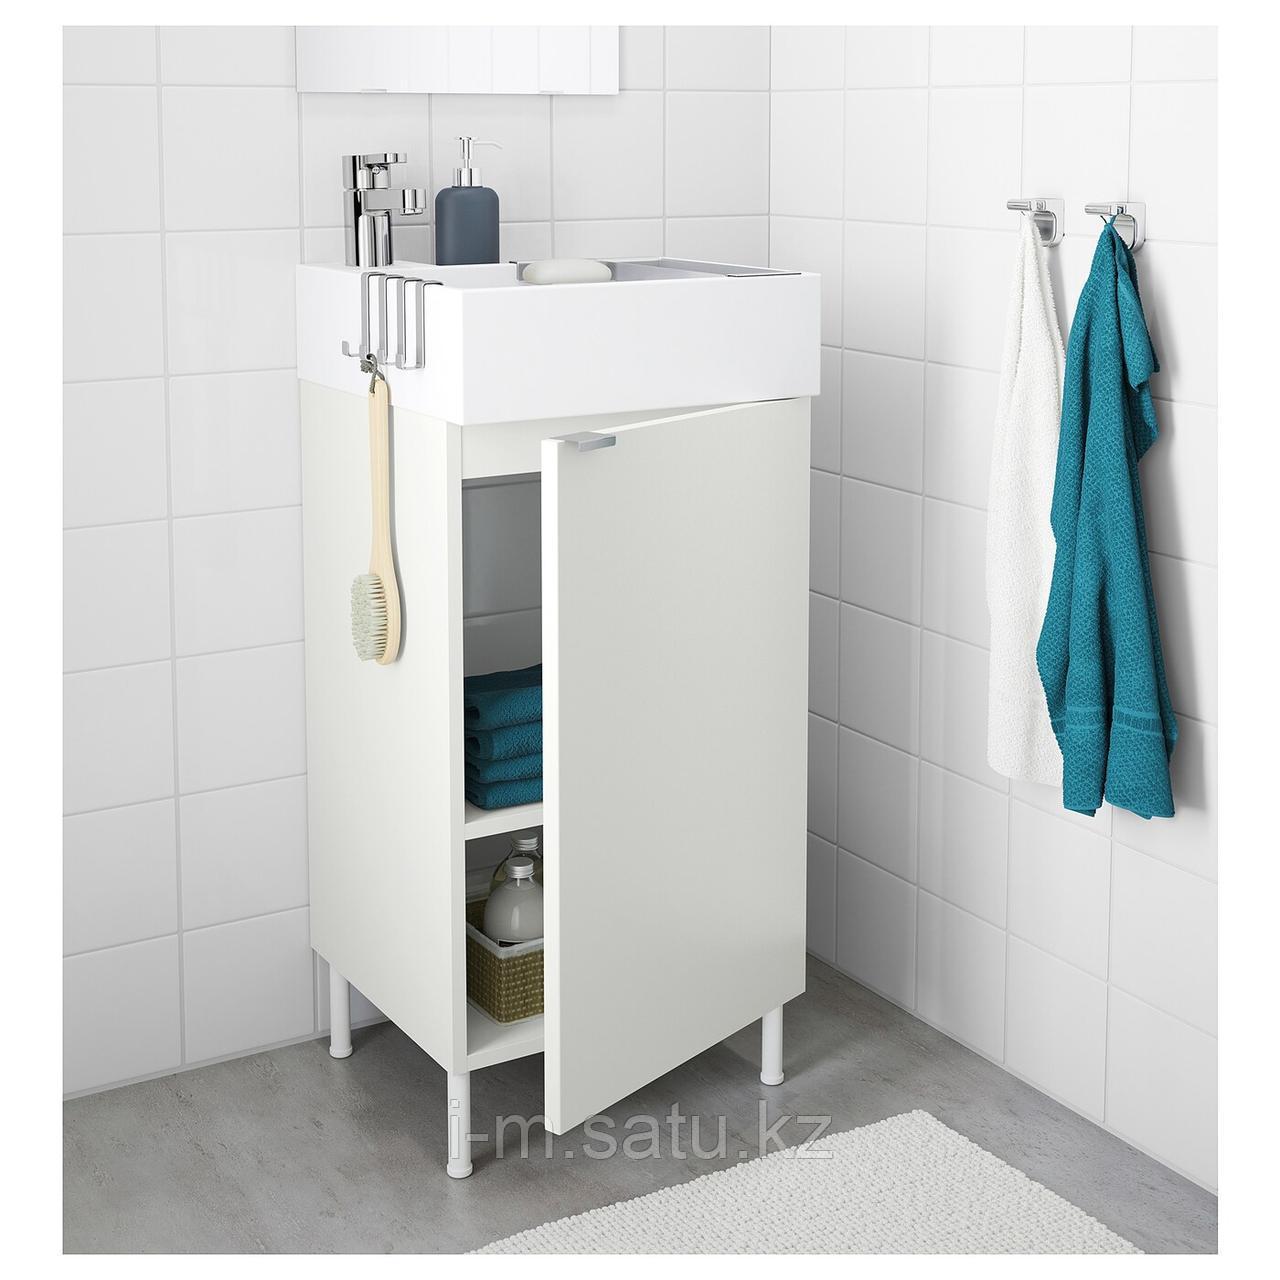 ЛИЛЛОНГЕН Шкаф под раковину с 1 дверцей, белый, ЭНСЕН смеситель, 41x41x87 см